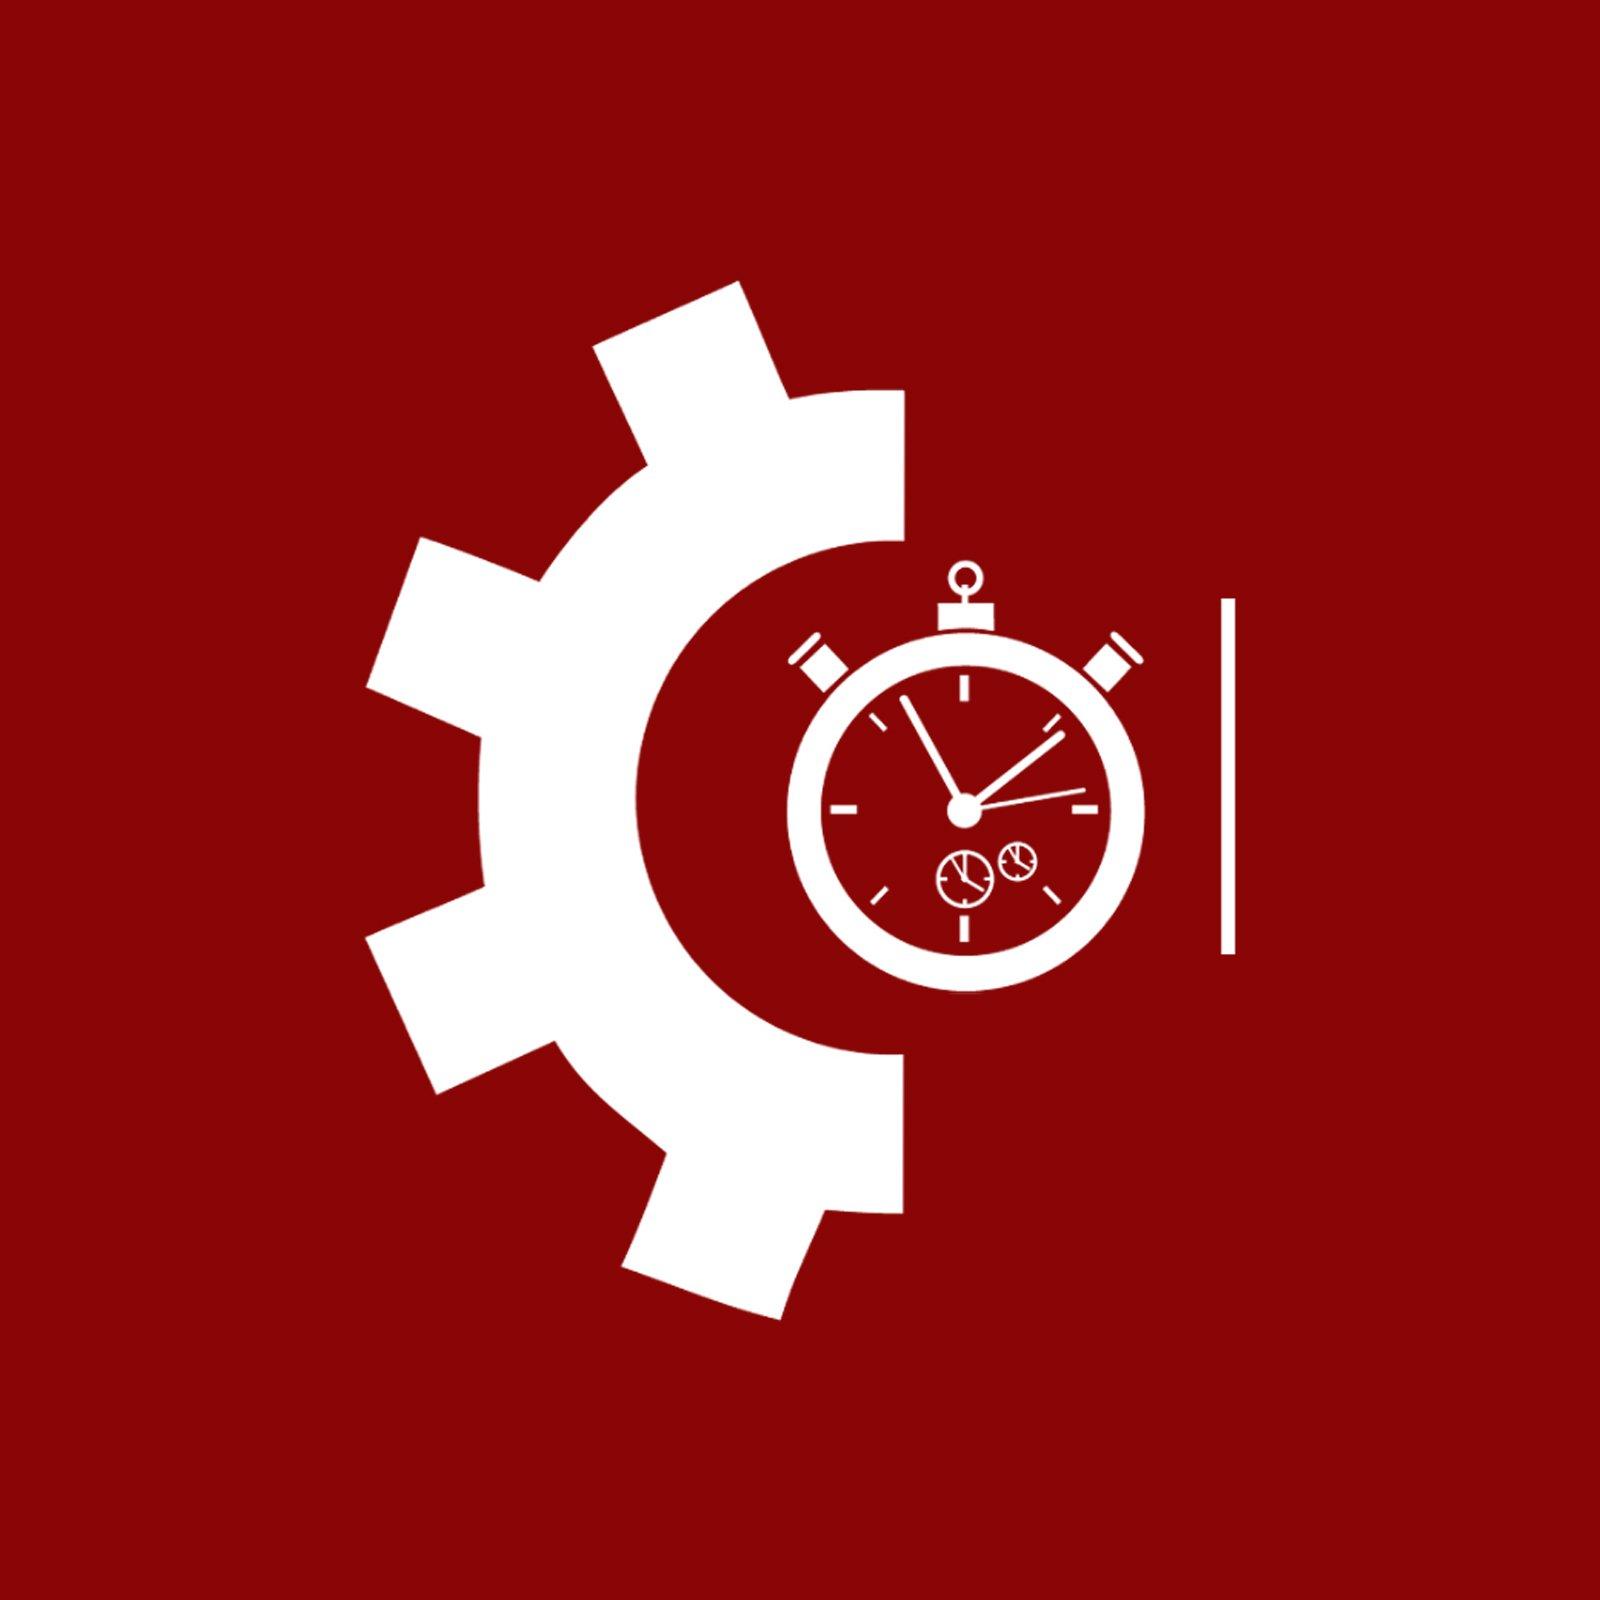 Yeni Mezunlar İçin Ekonomik Durgunluk Zamanlarında İş Ararken Kullanılabilecek İpuçları